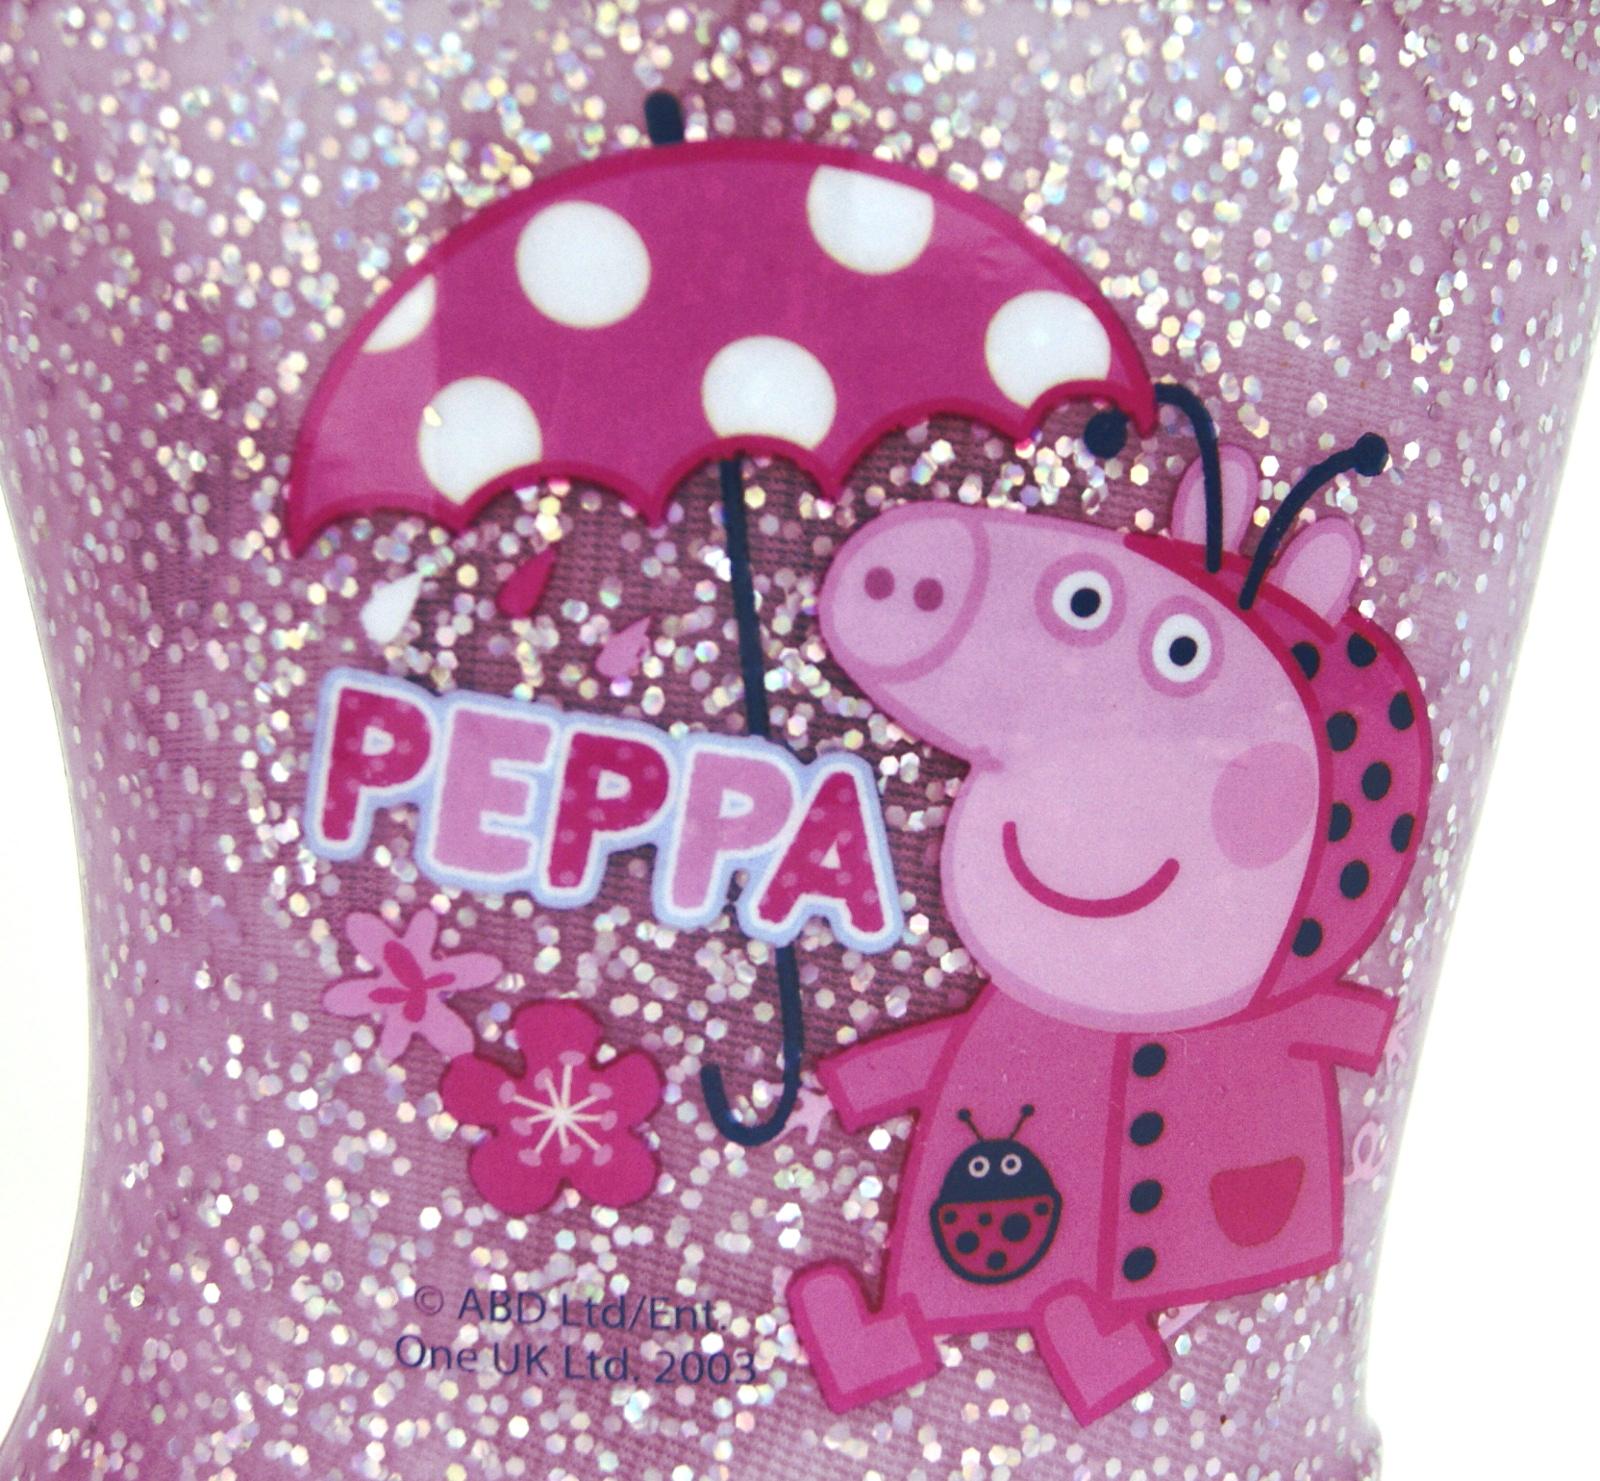 Girls-Peppa-Pig-Wellington-Boots-Mid-Calf-Gitter-Snow-Rain-Wellies-Kids-Size Indexbild 15